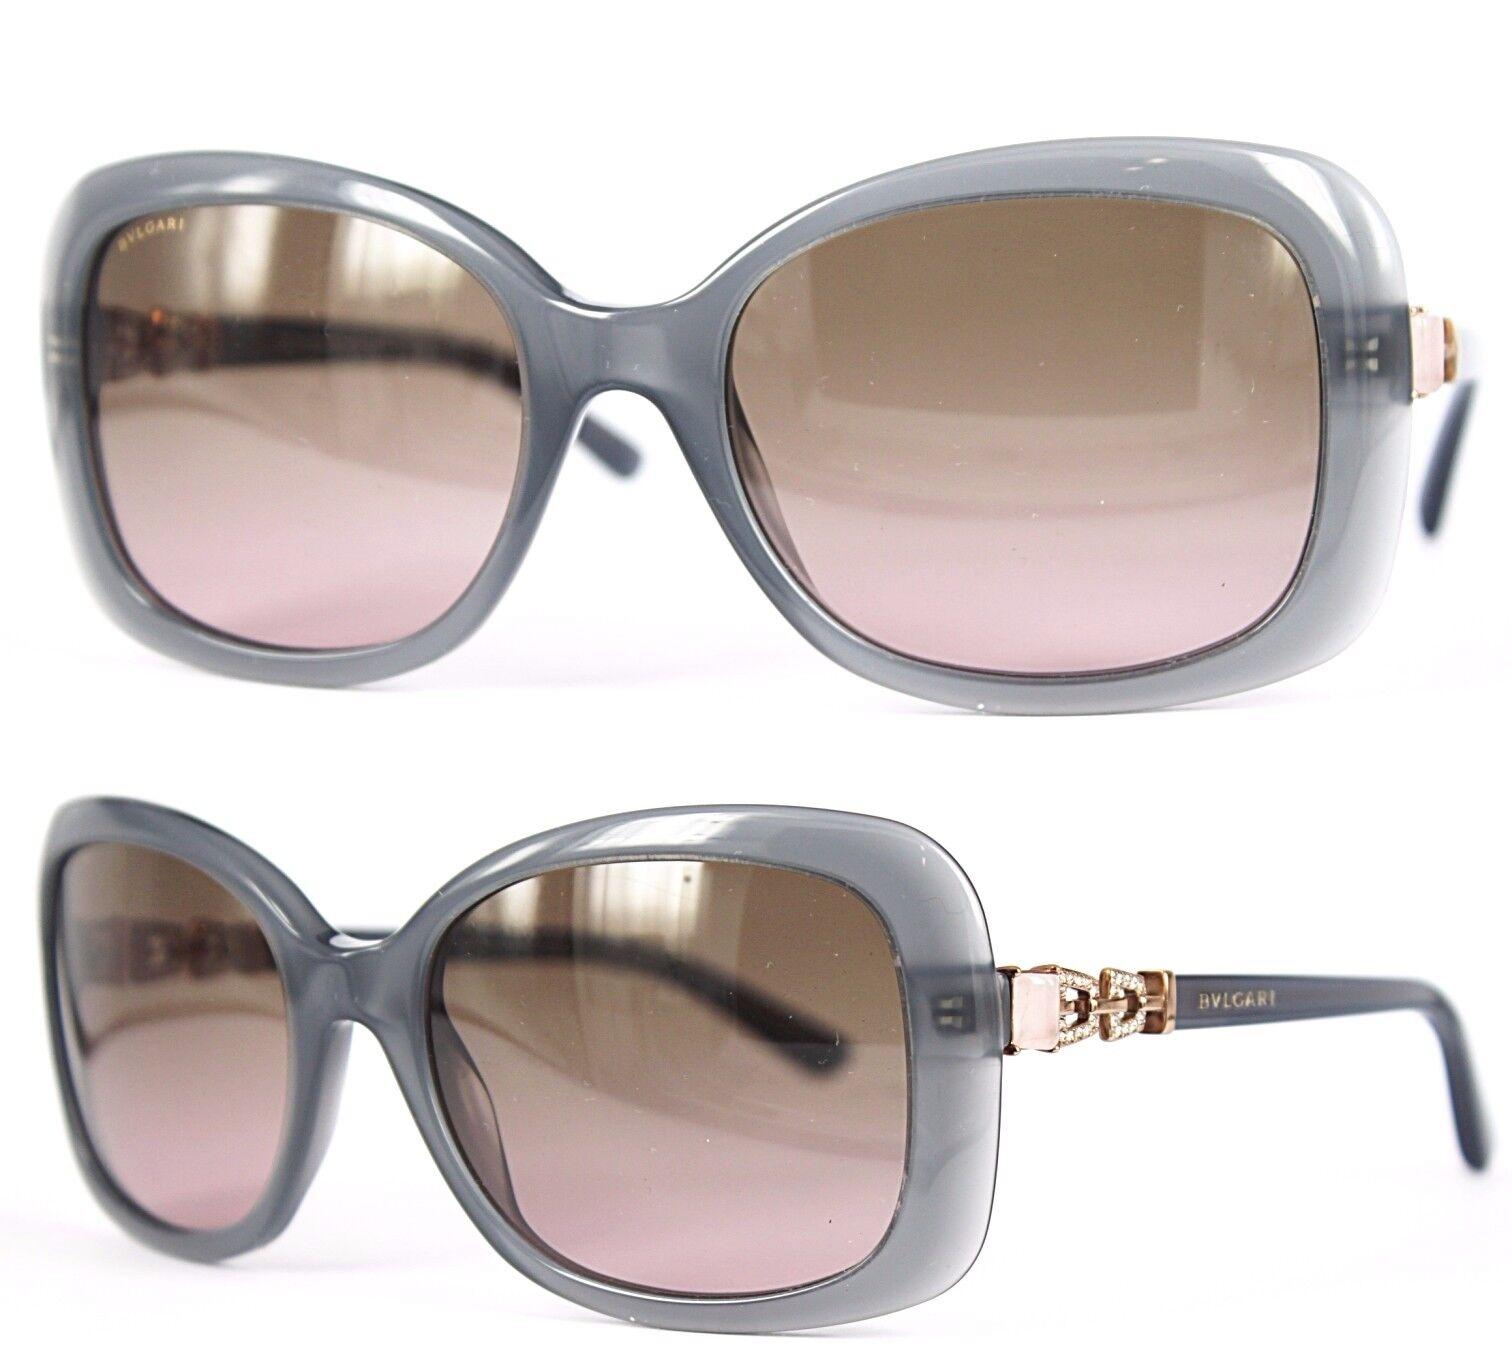 BVLGARI Sonnenbrille Sunglasses  8144-B 5321 14  5719 140 2N Nonvalenz 219(16)    Konzentrieren Sie sich auf das Babyleben    Starker Wert    Neuheit Spielzeug